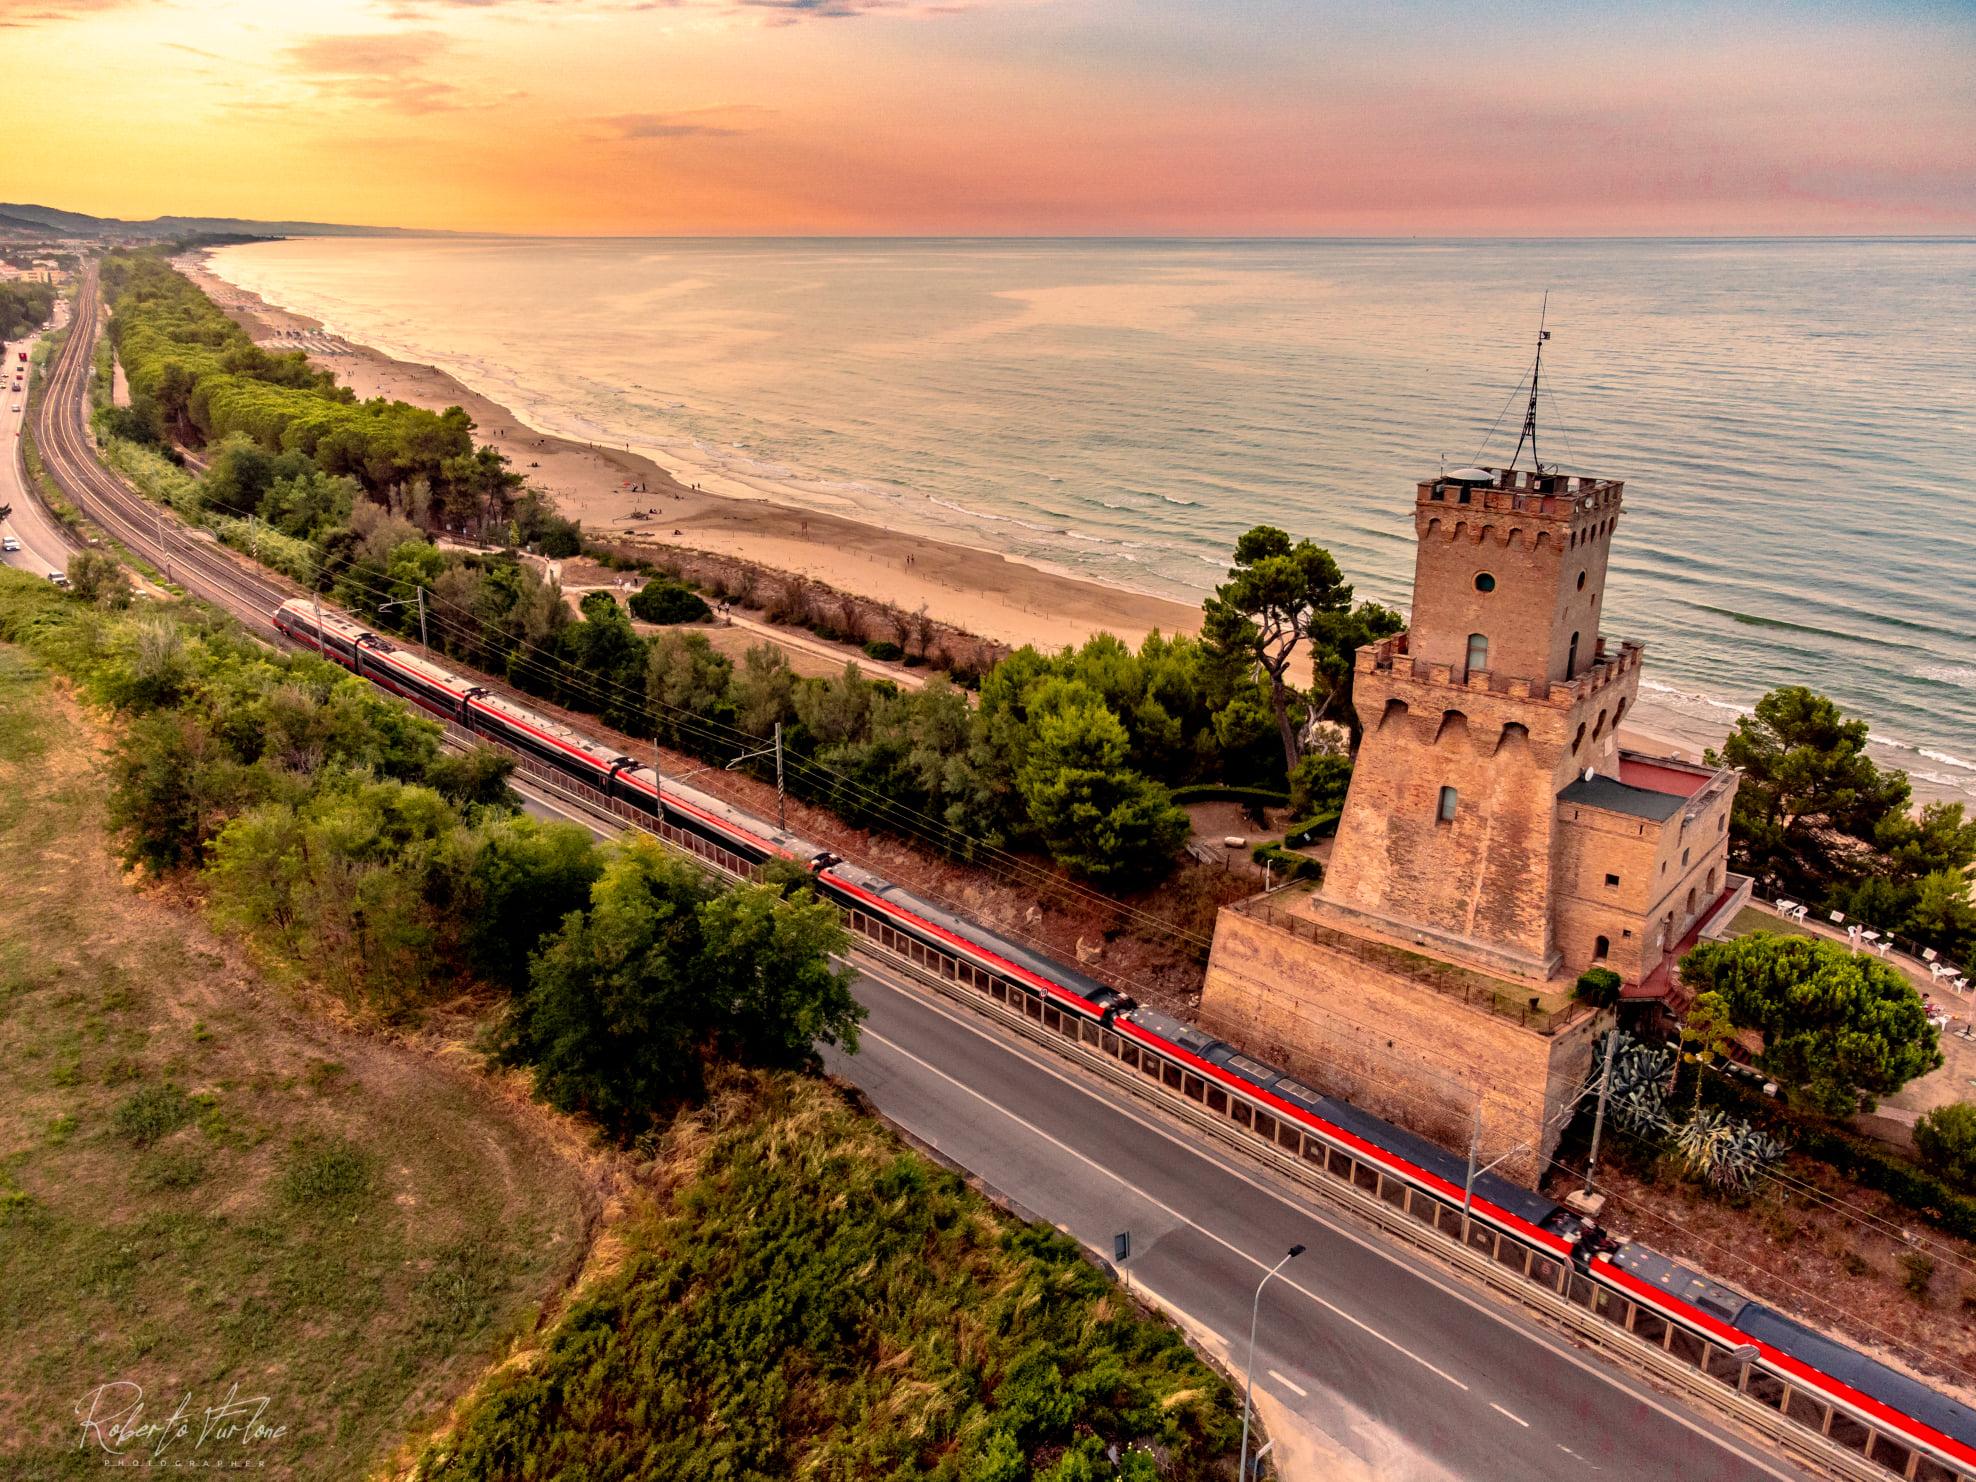 Viaggiando in treno in Abruzzo è sempre un'emozione. Frecciarossa Pescara-Milano